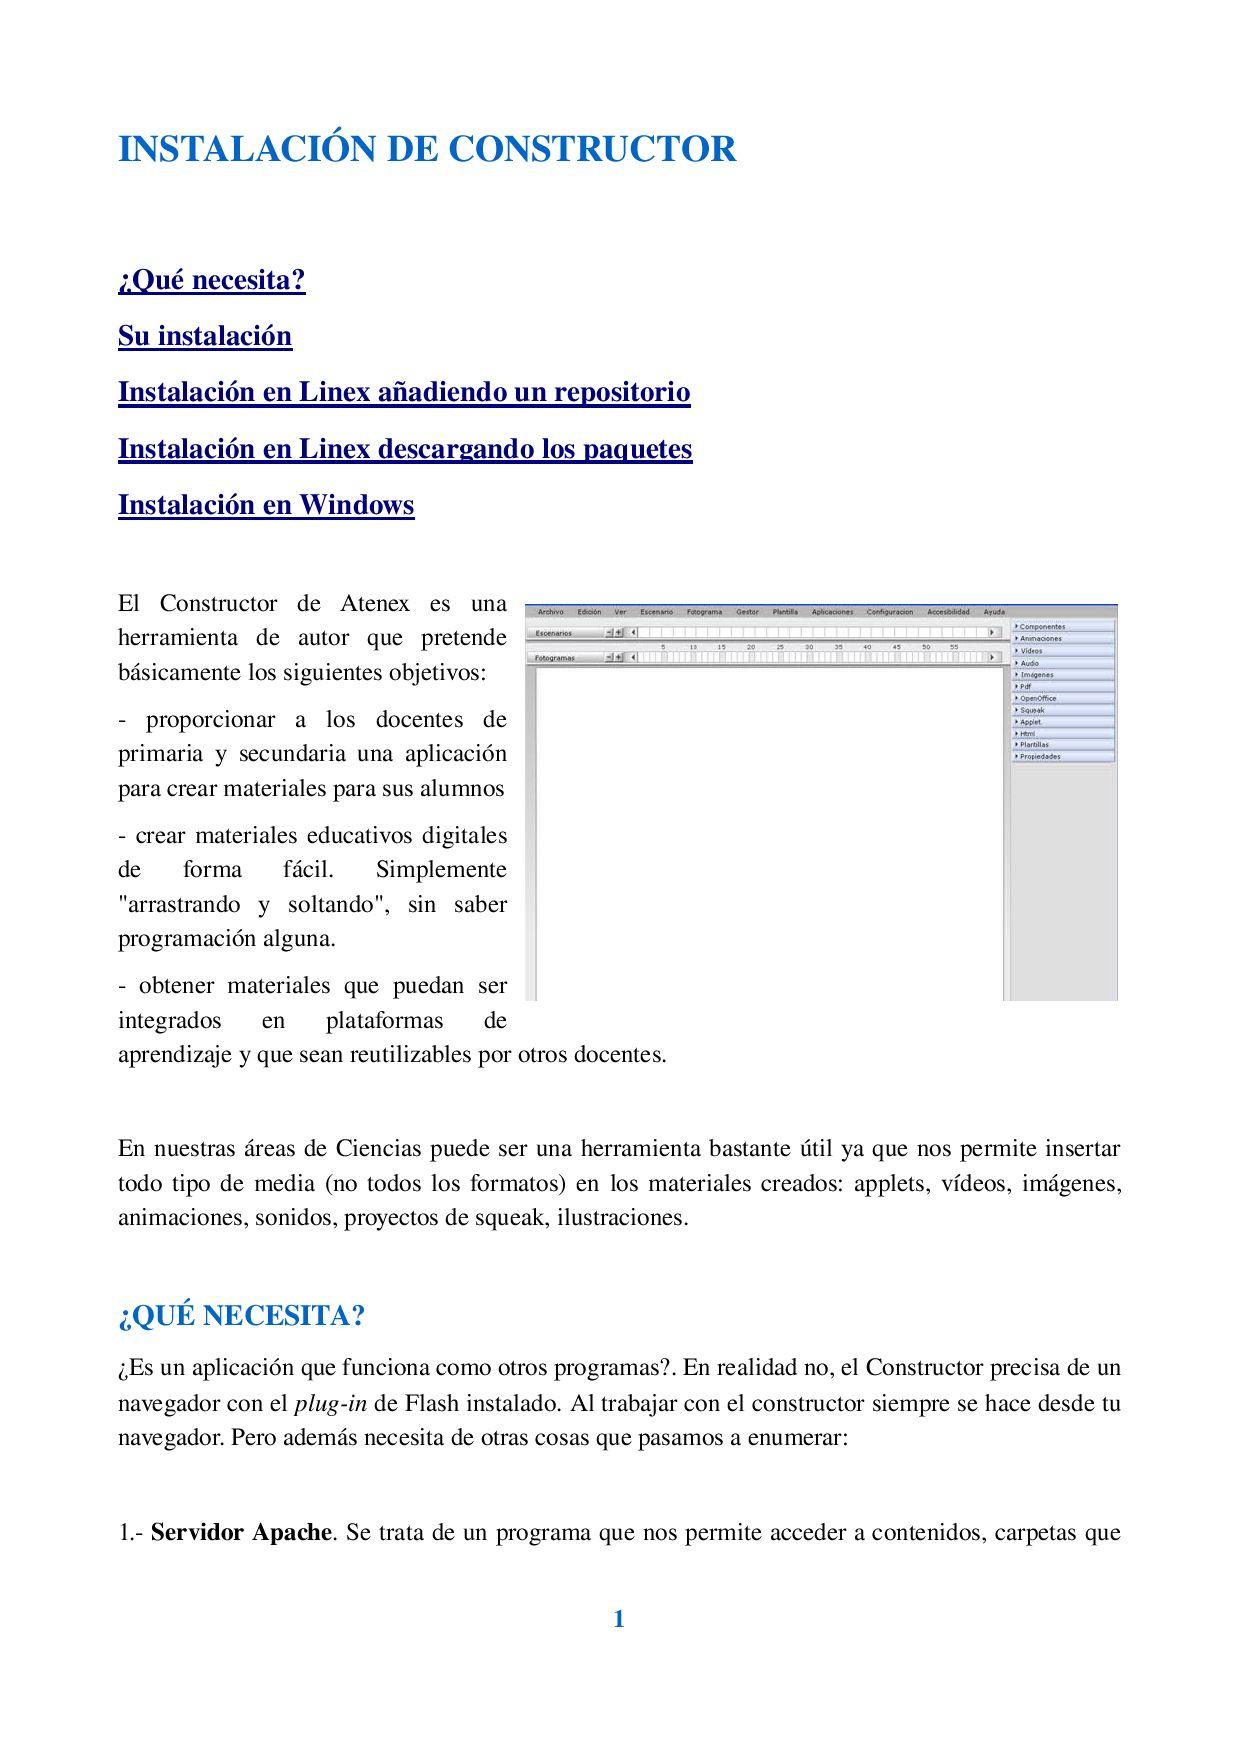 Asombroso De Hecho Reanudar Constructor Componente - Ejemplo De ...